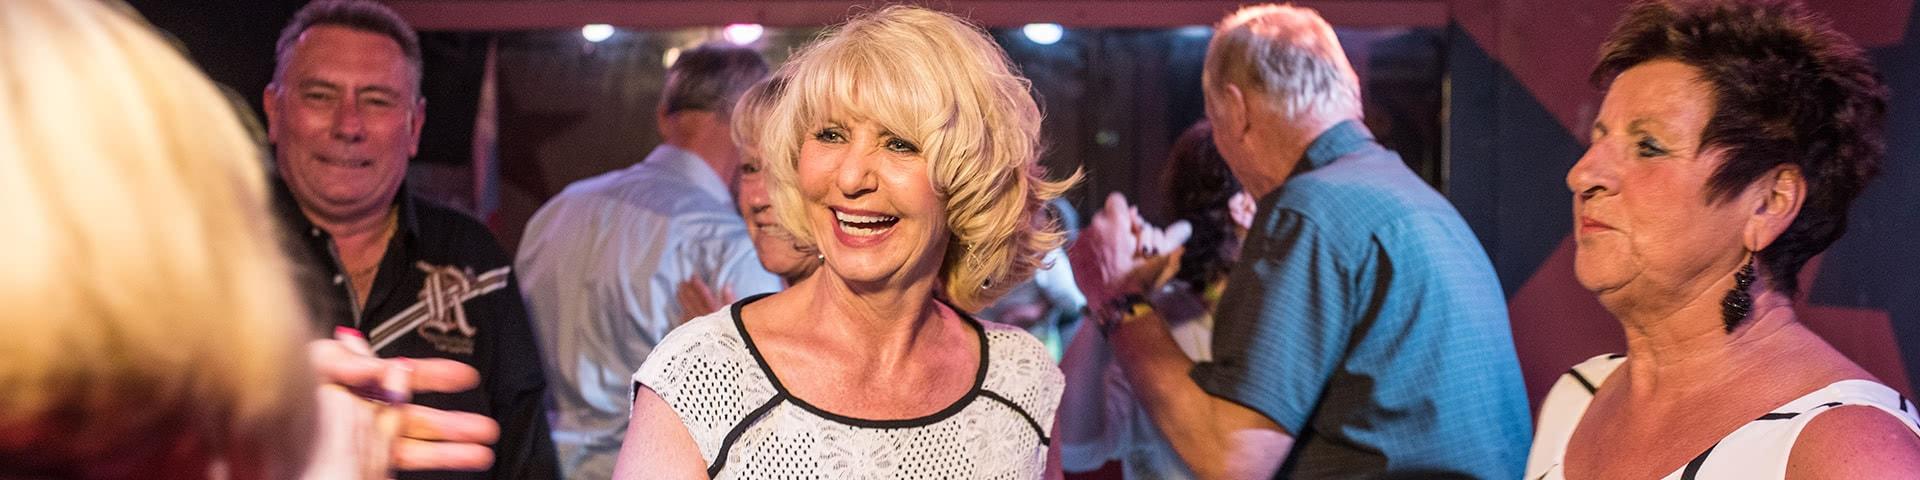 Personen tanzen ausgelassen in einer Disco in Bad Breisig